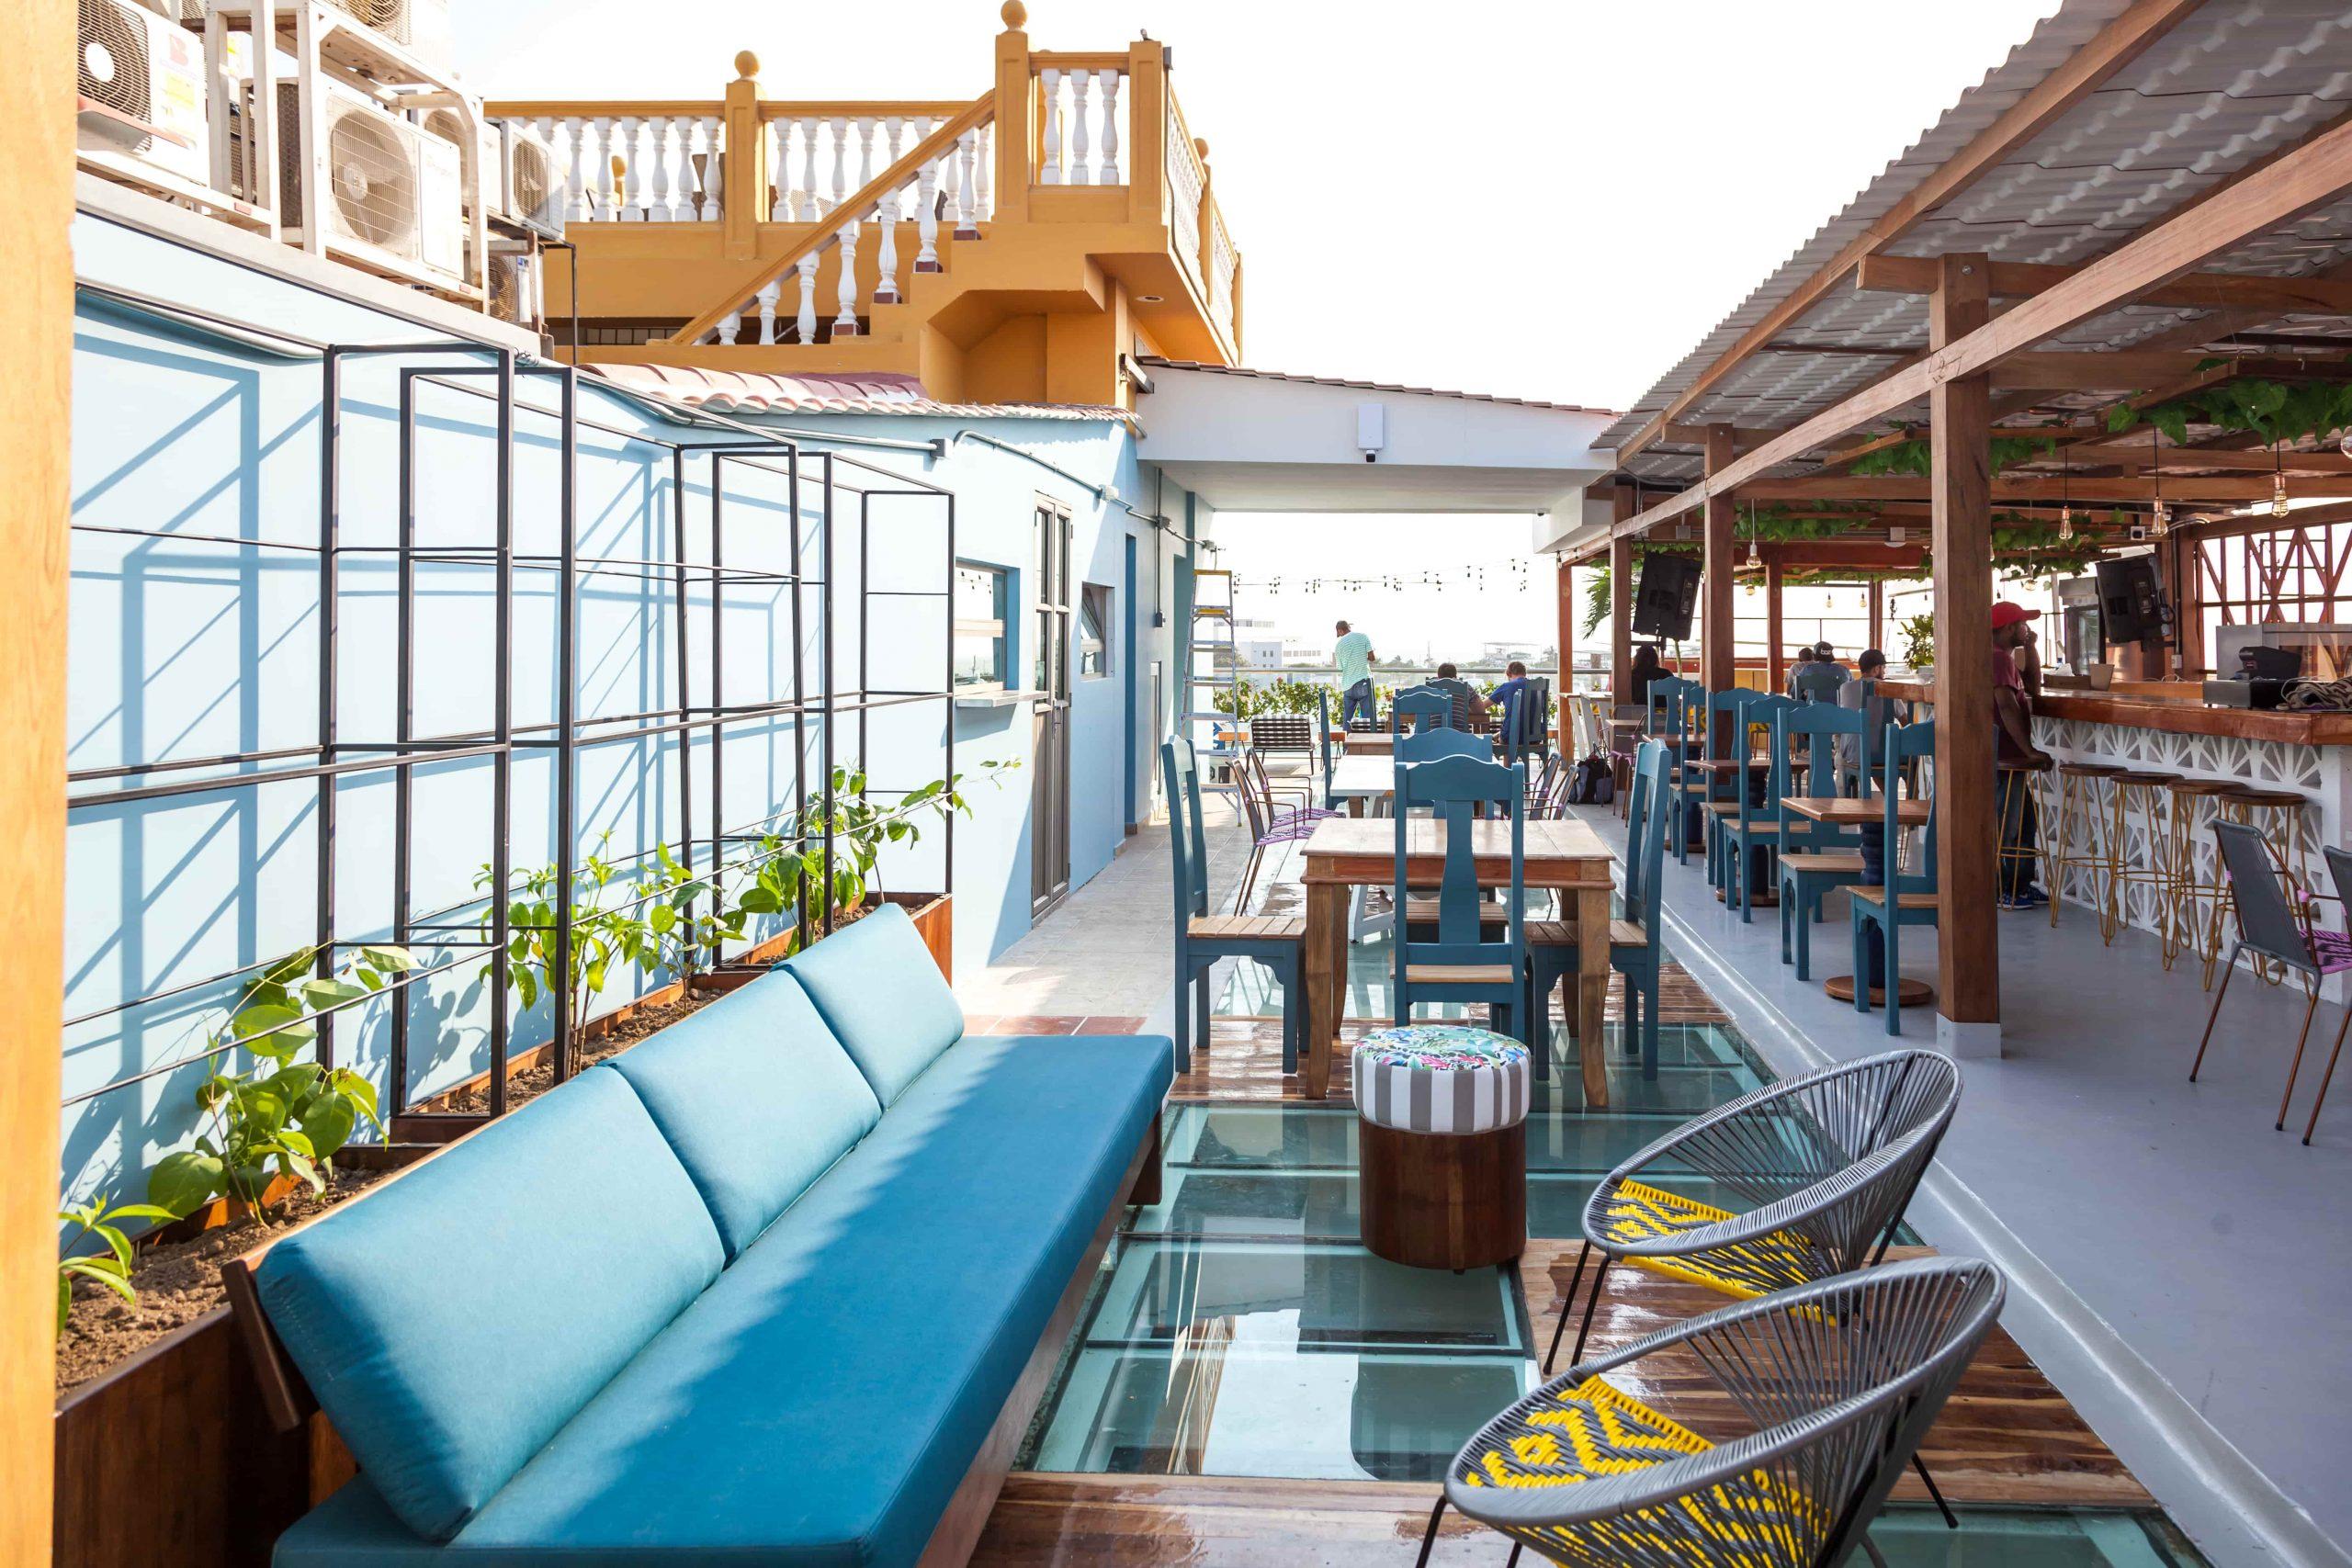 dónde hospedarse en cartagena colombia 5